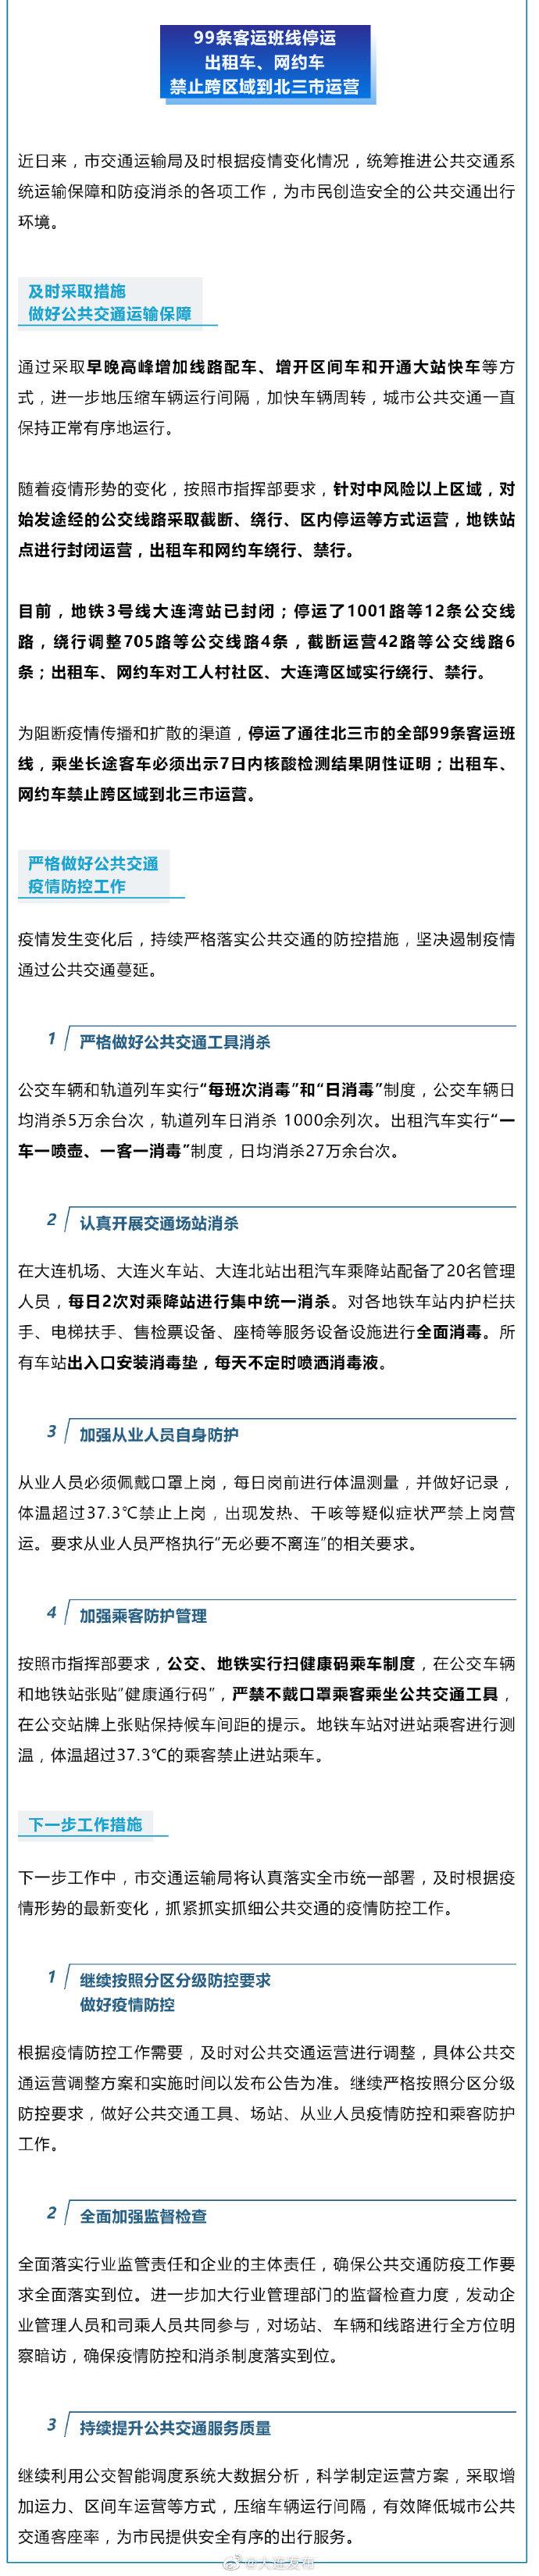 【河北企划行业交流平台】_大连:99条客运班线停运 中风险以上区域出租车、网约车禁行